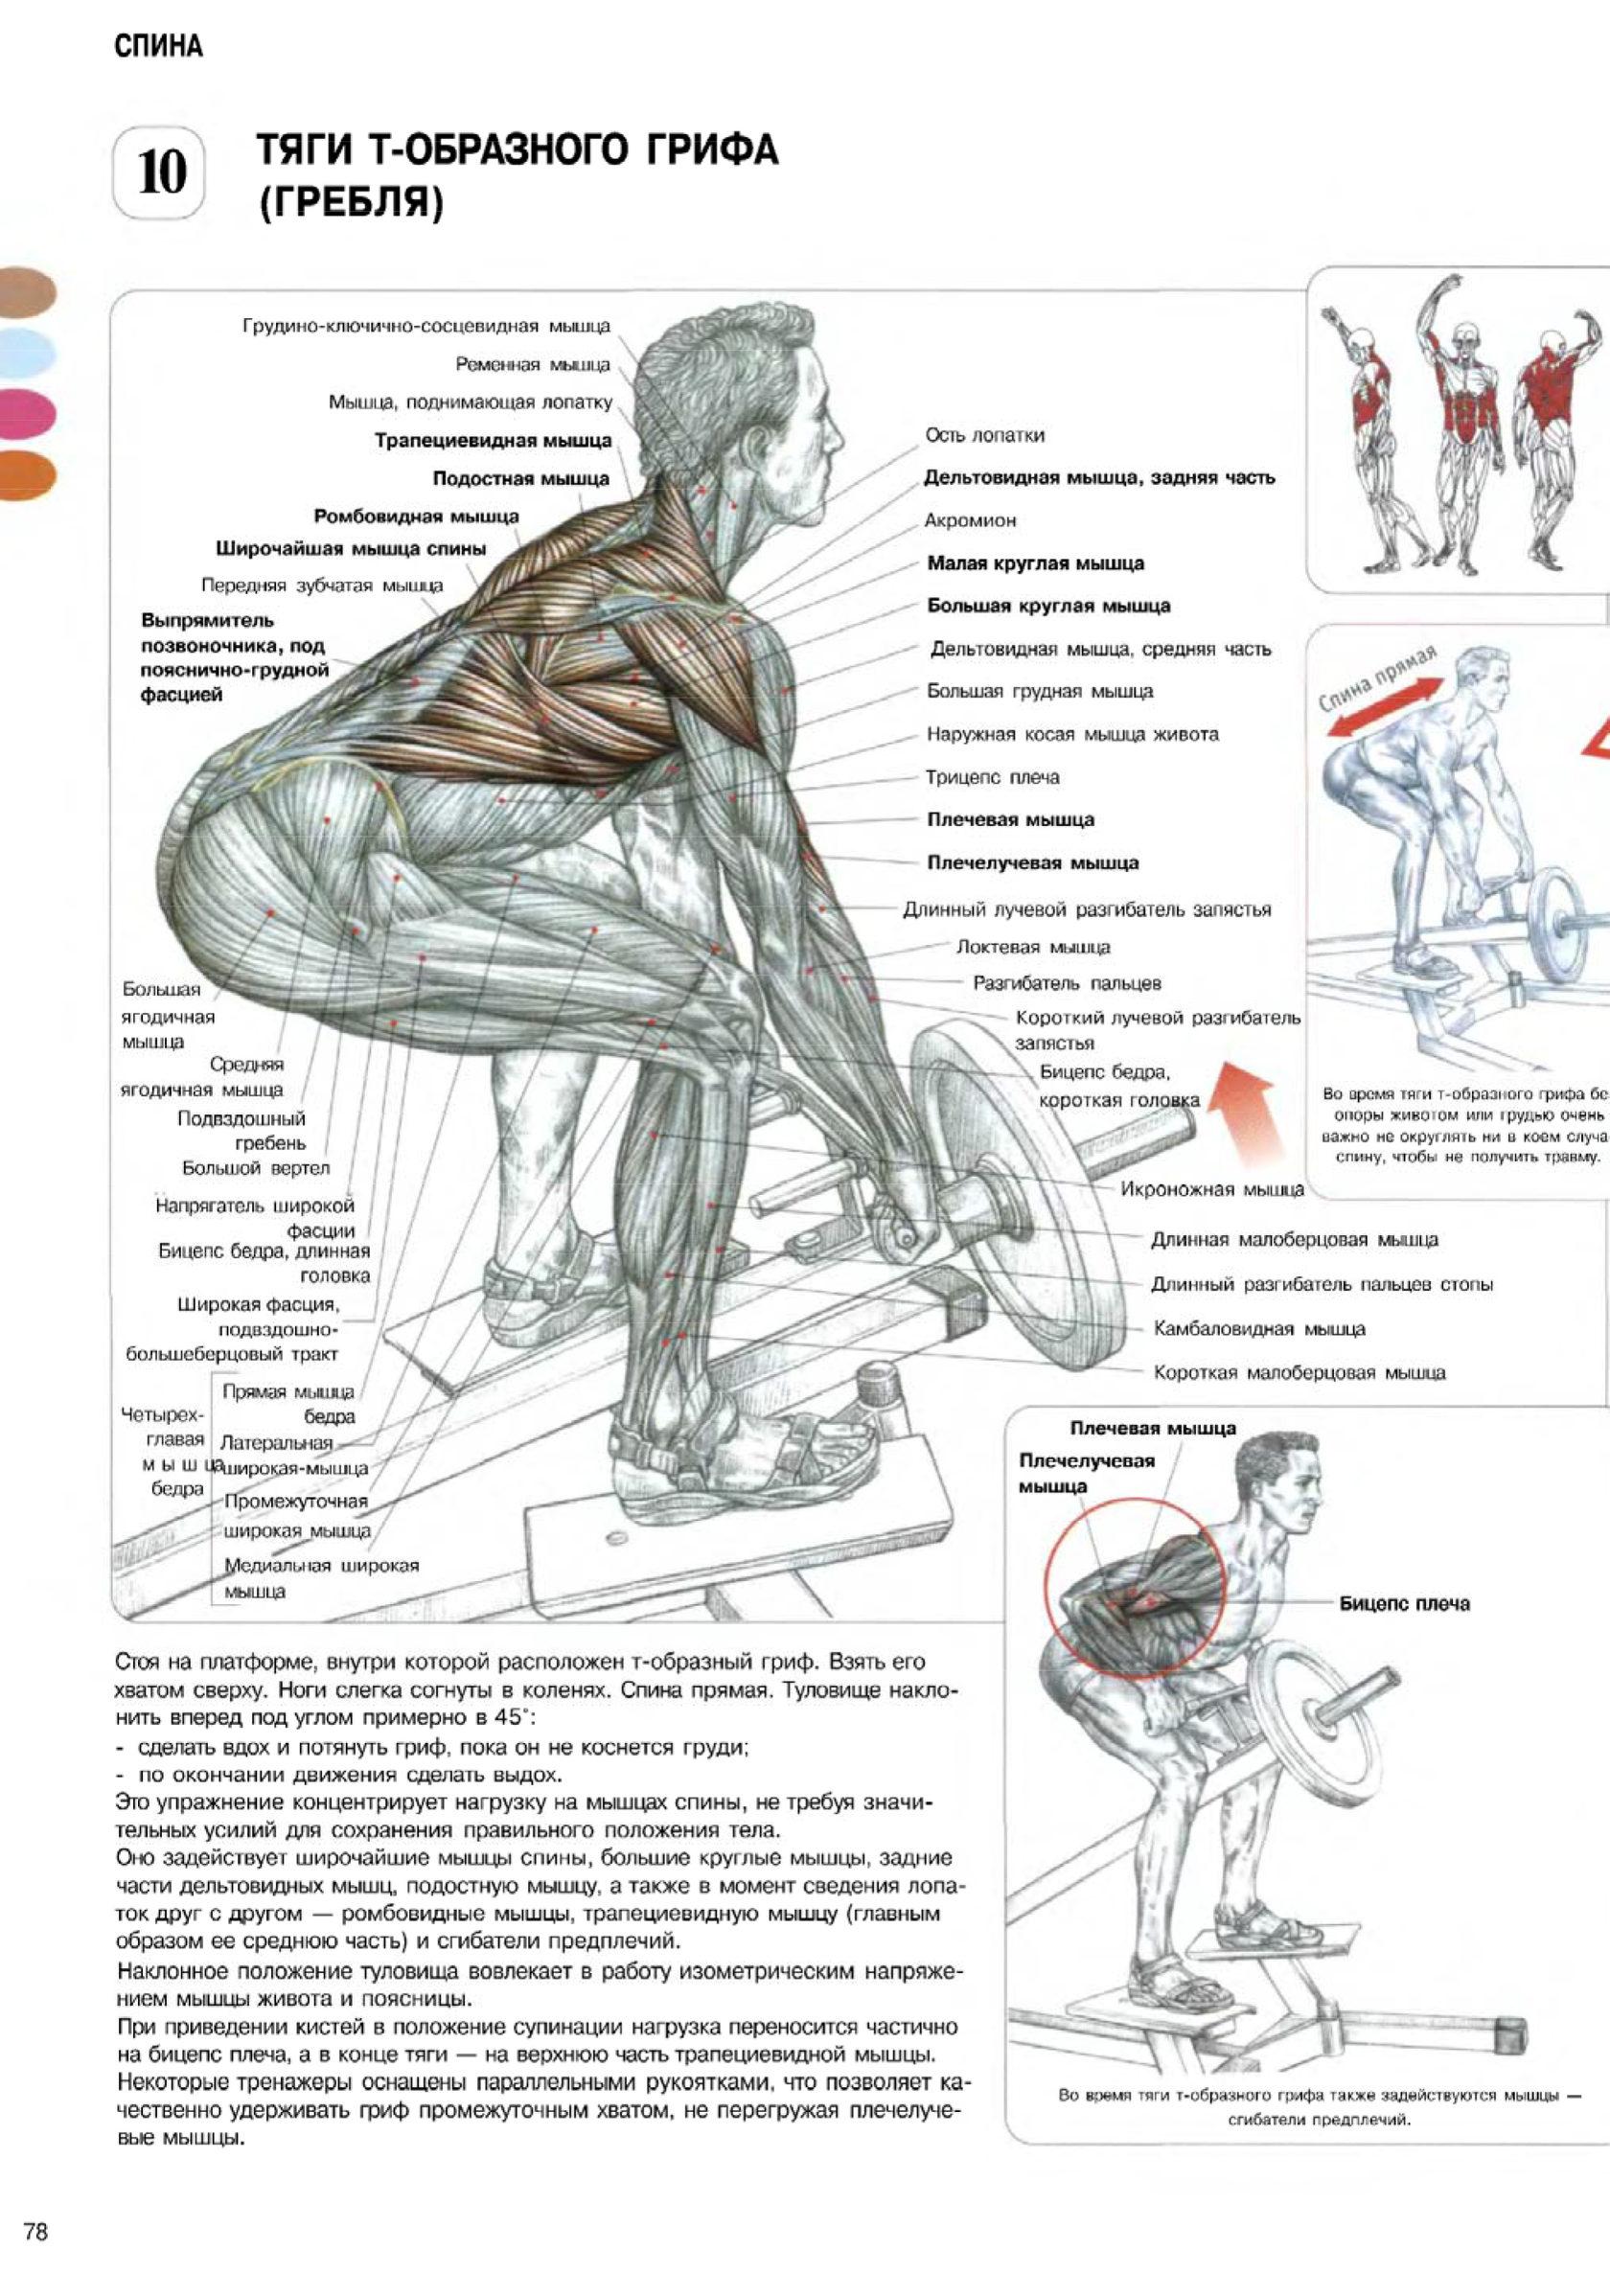 Т-тяга грифа: видео и фото упражнения